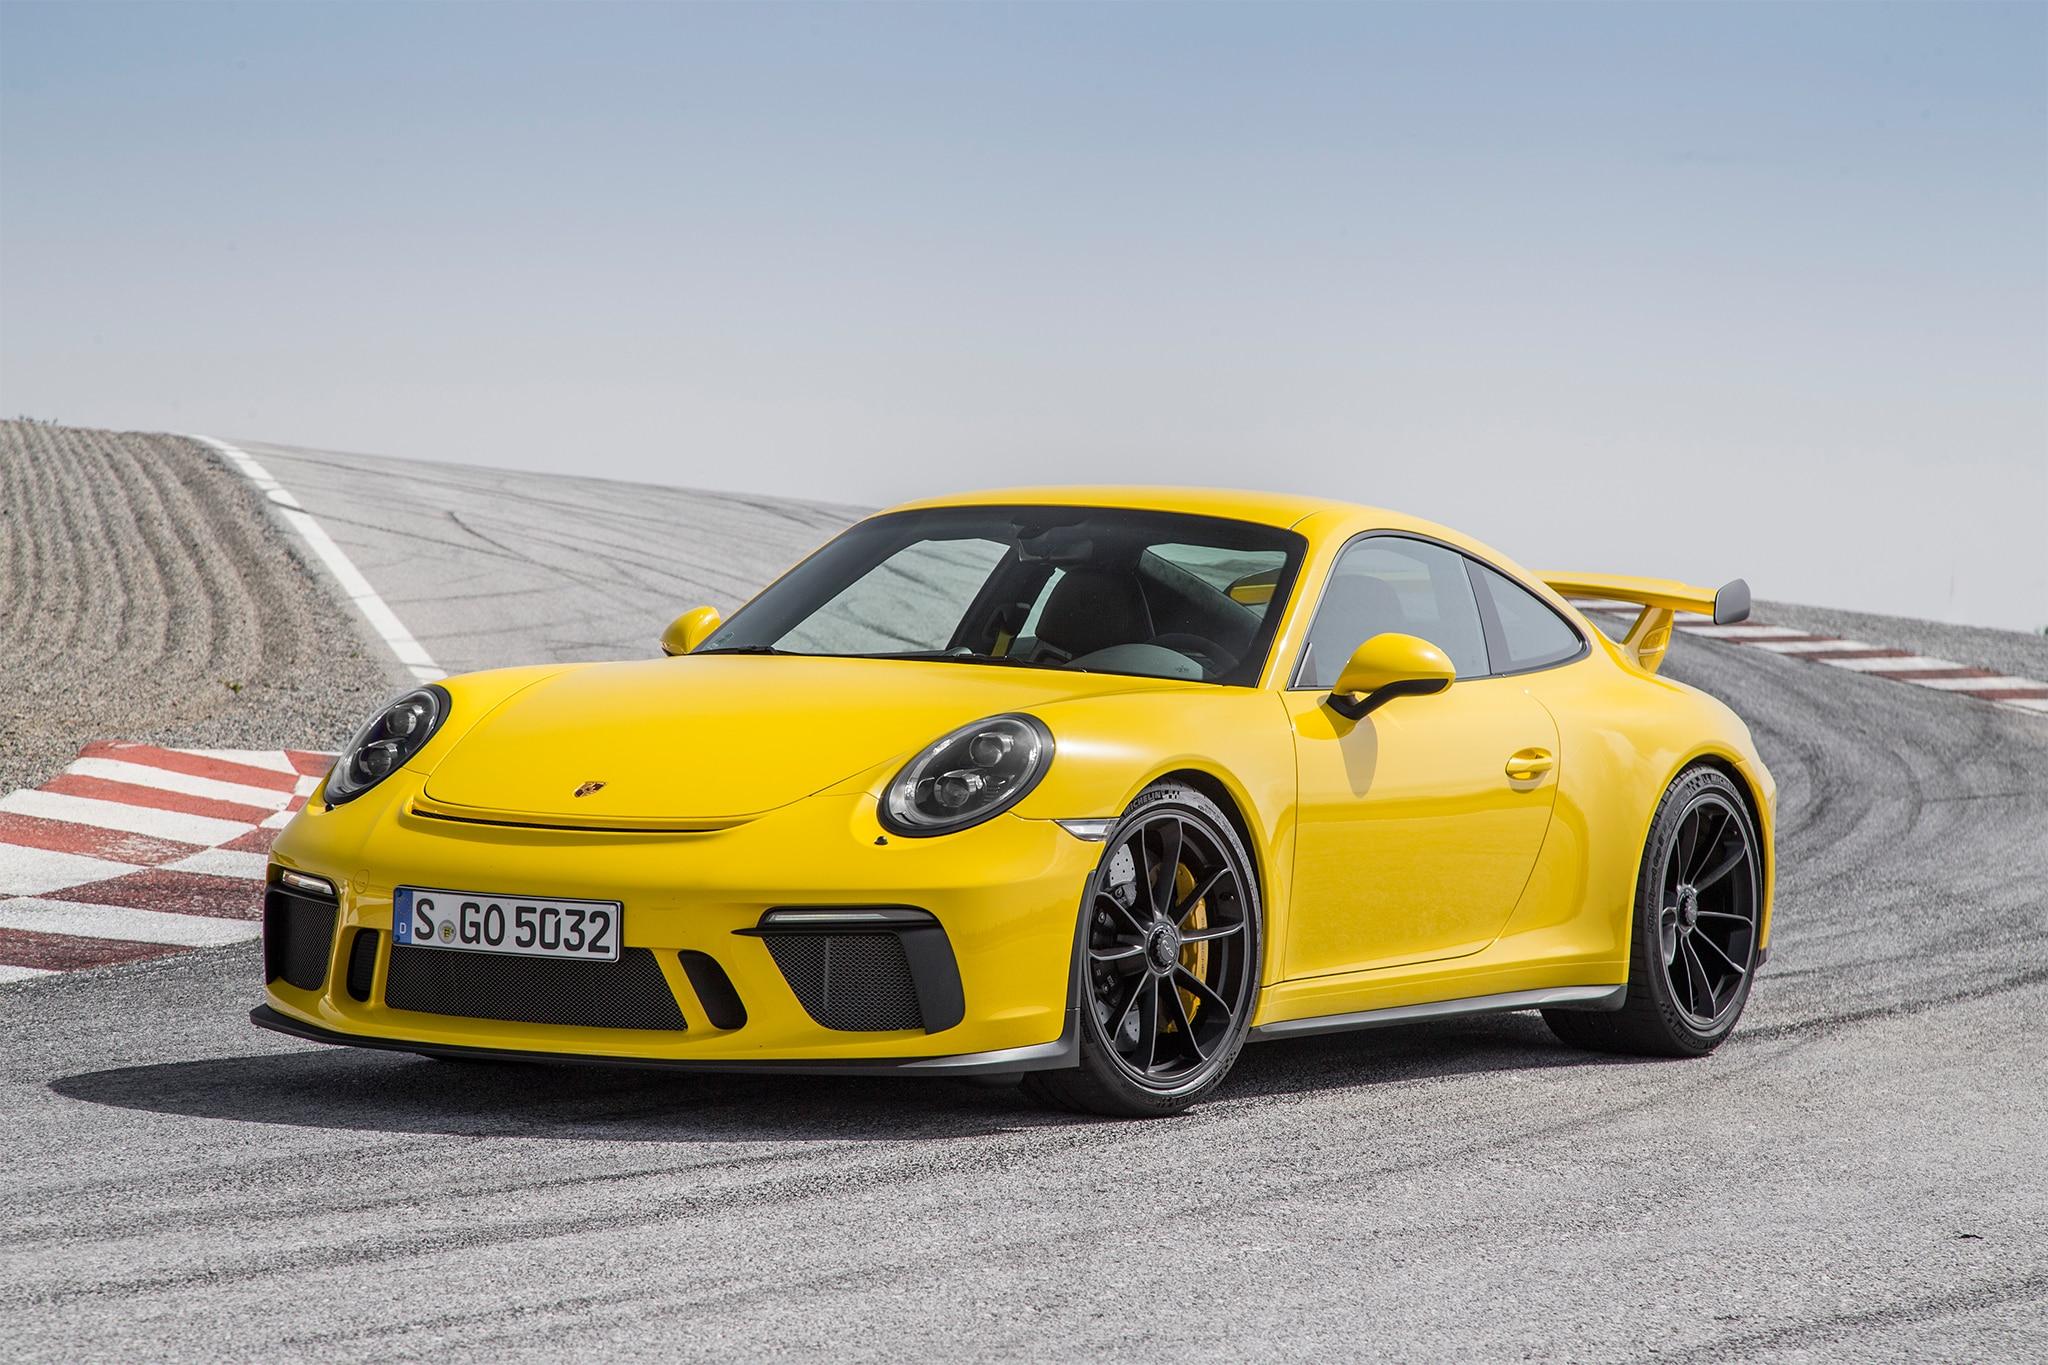 2018 Porsche 911 GT3 front three quarter 10